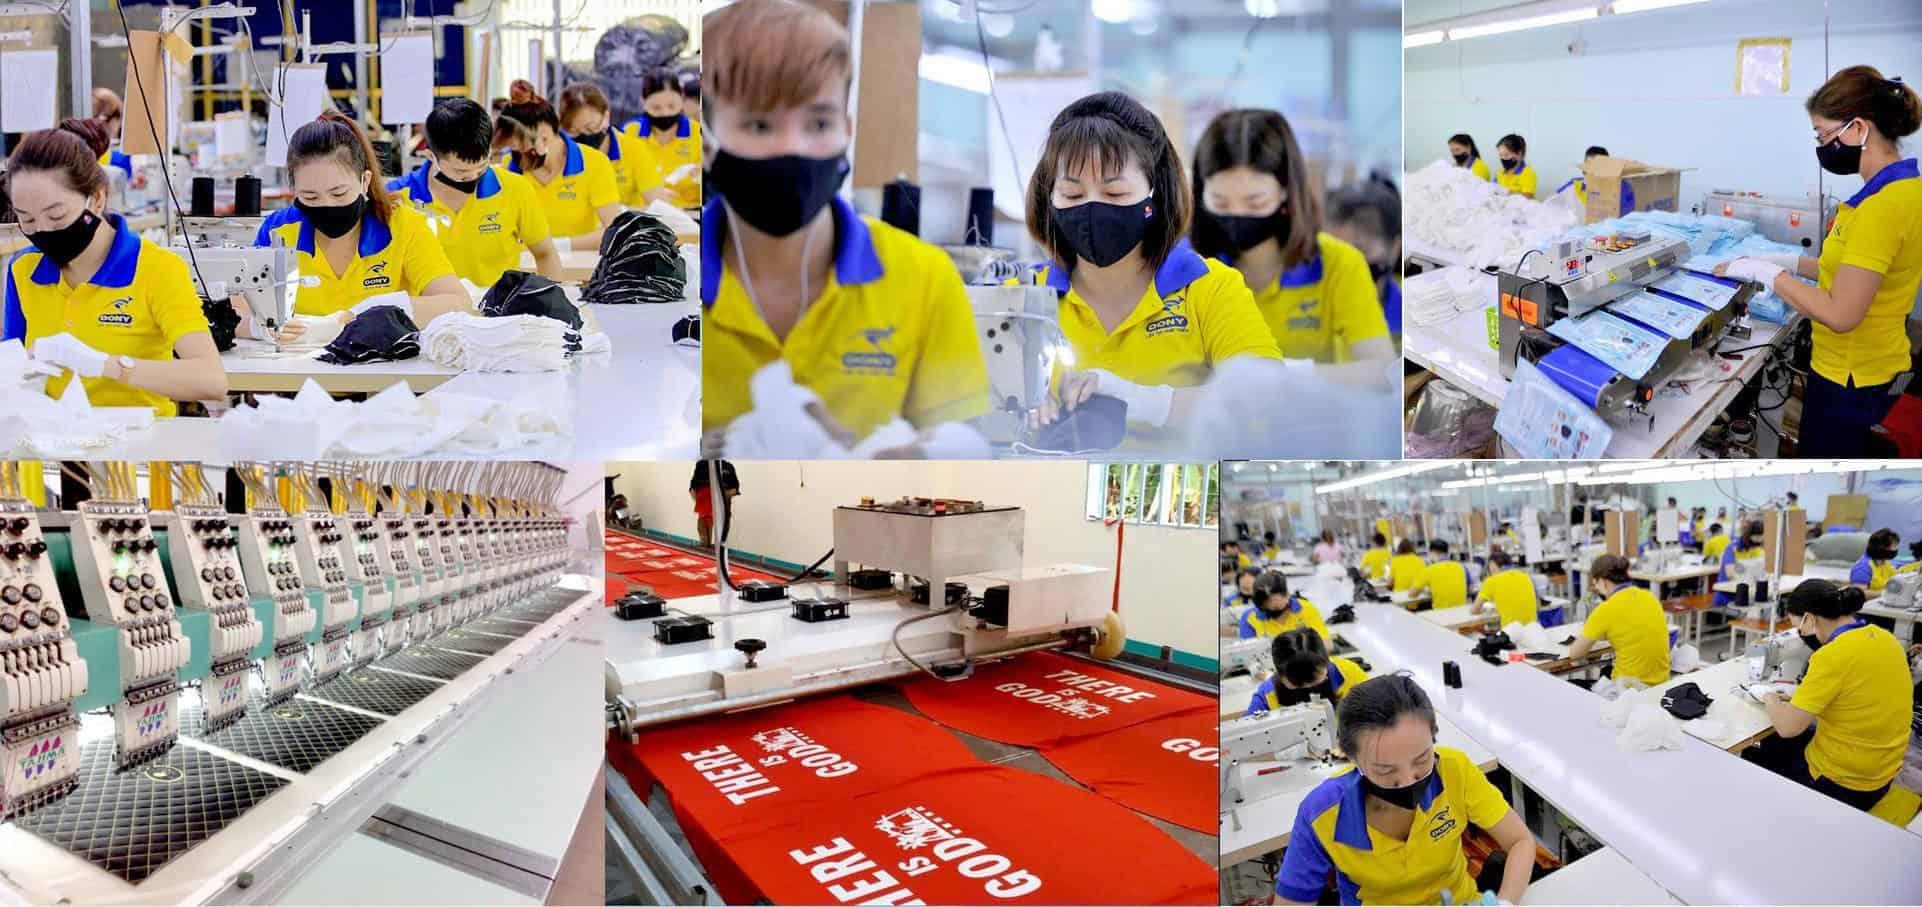 Top 7 Địa Chỉ May Đồng Phục, In Thêu Áo Thun ở Khánh Hòa -  - Công ty cổ phần quốc tế Dony | Đồng phục An Mii | Đồng phục Trường Sinh 33